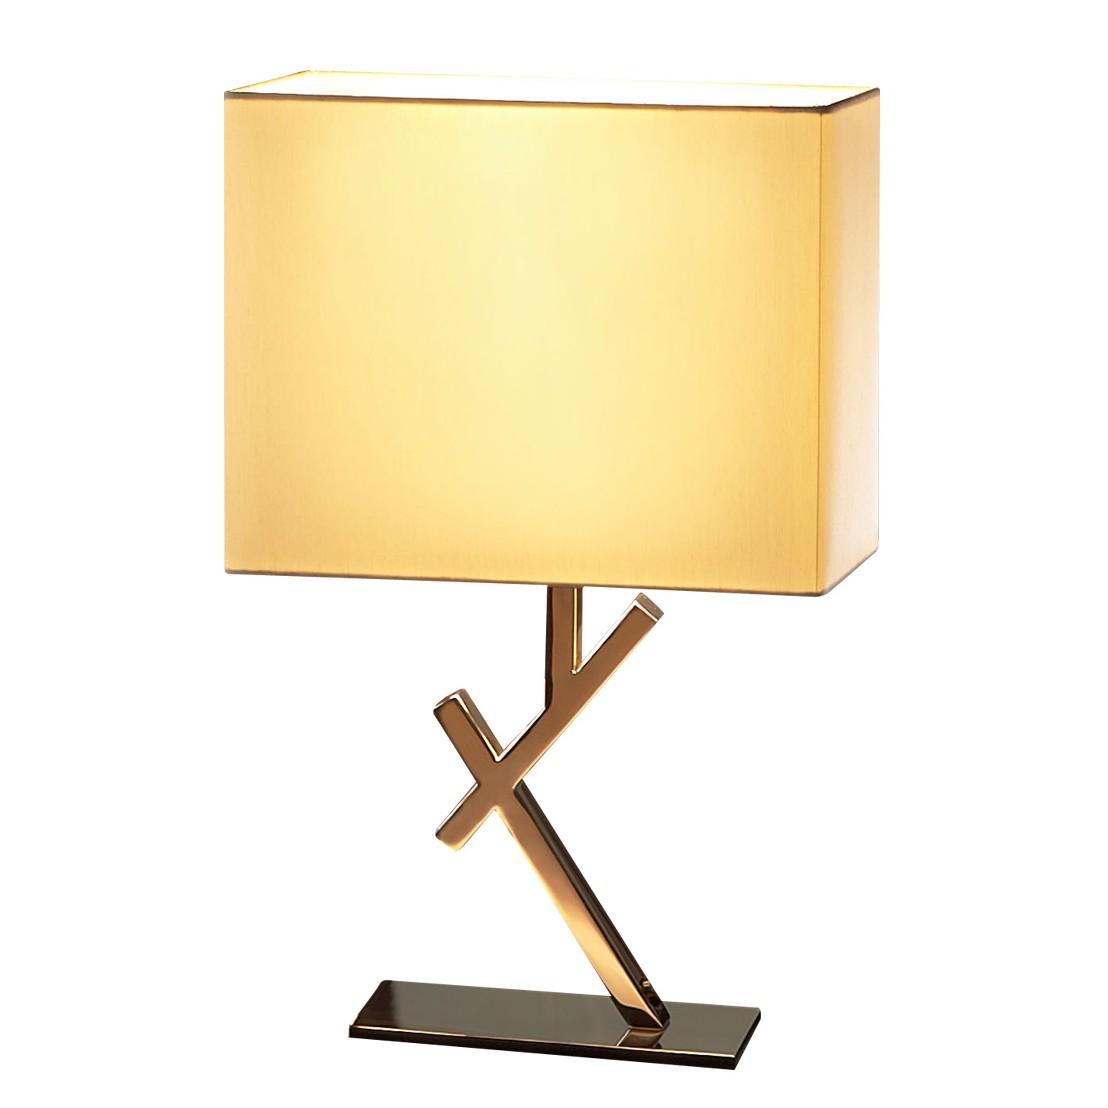 Tafellamp Fornax, Loistaa